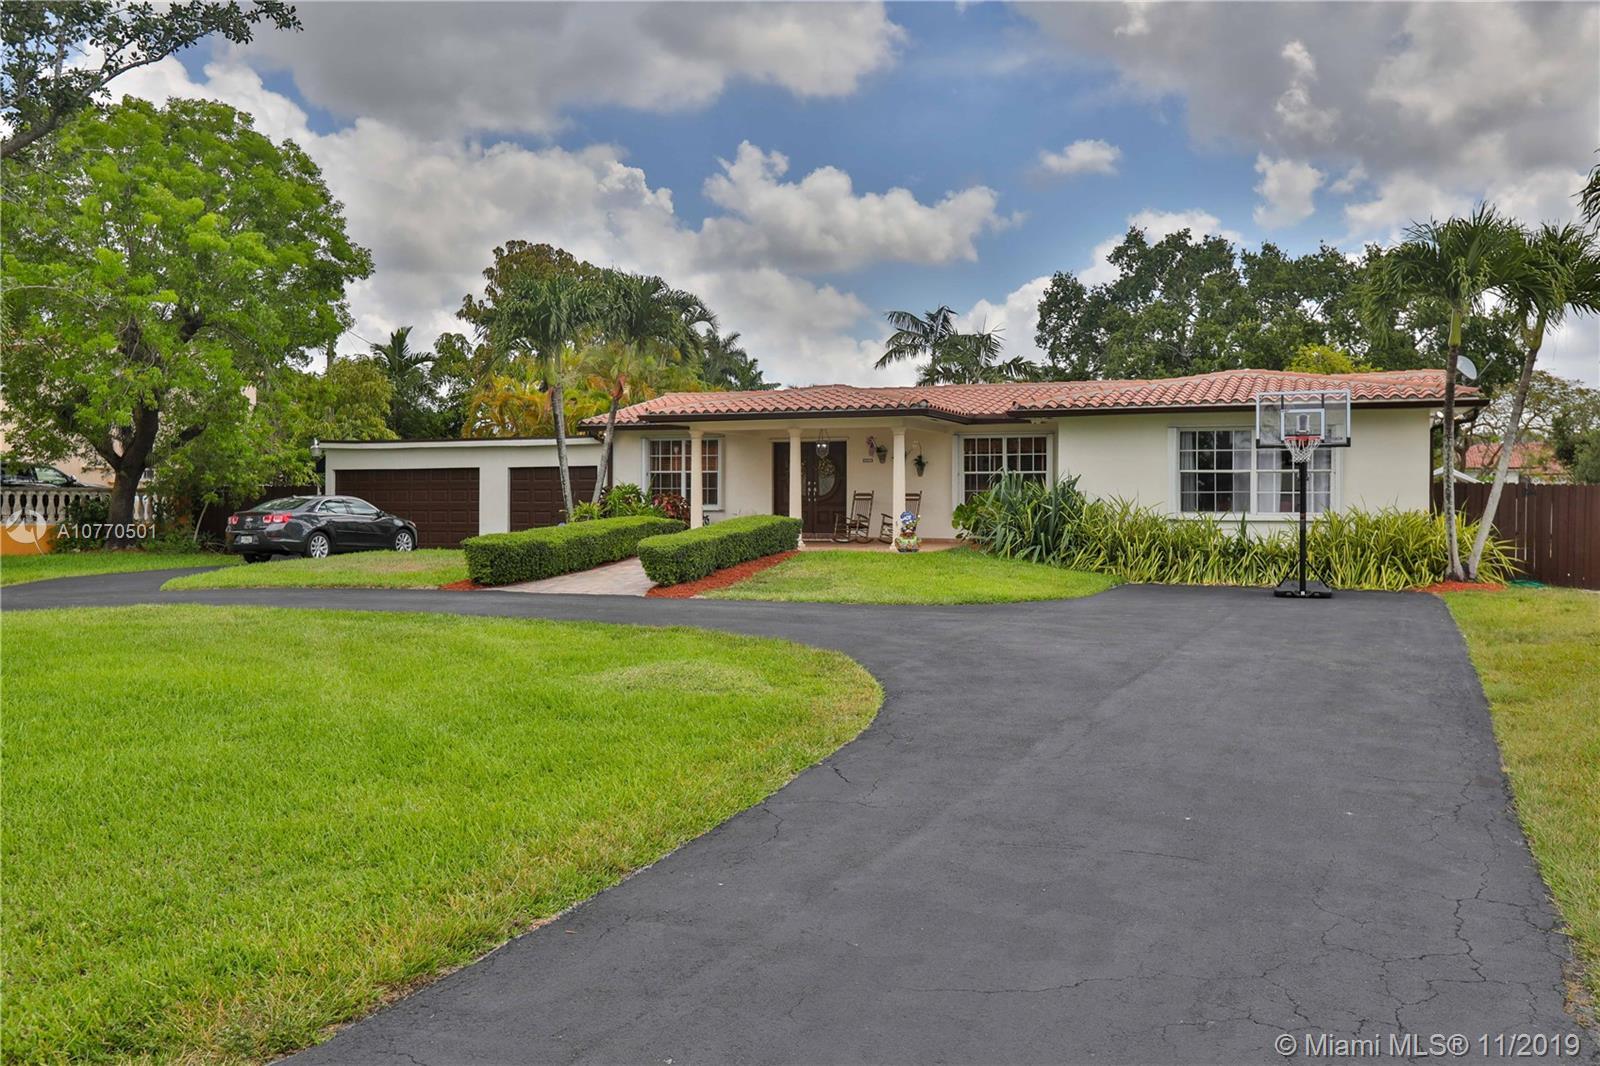 221 SW 129th Ave, Miami, FL 33184